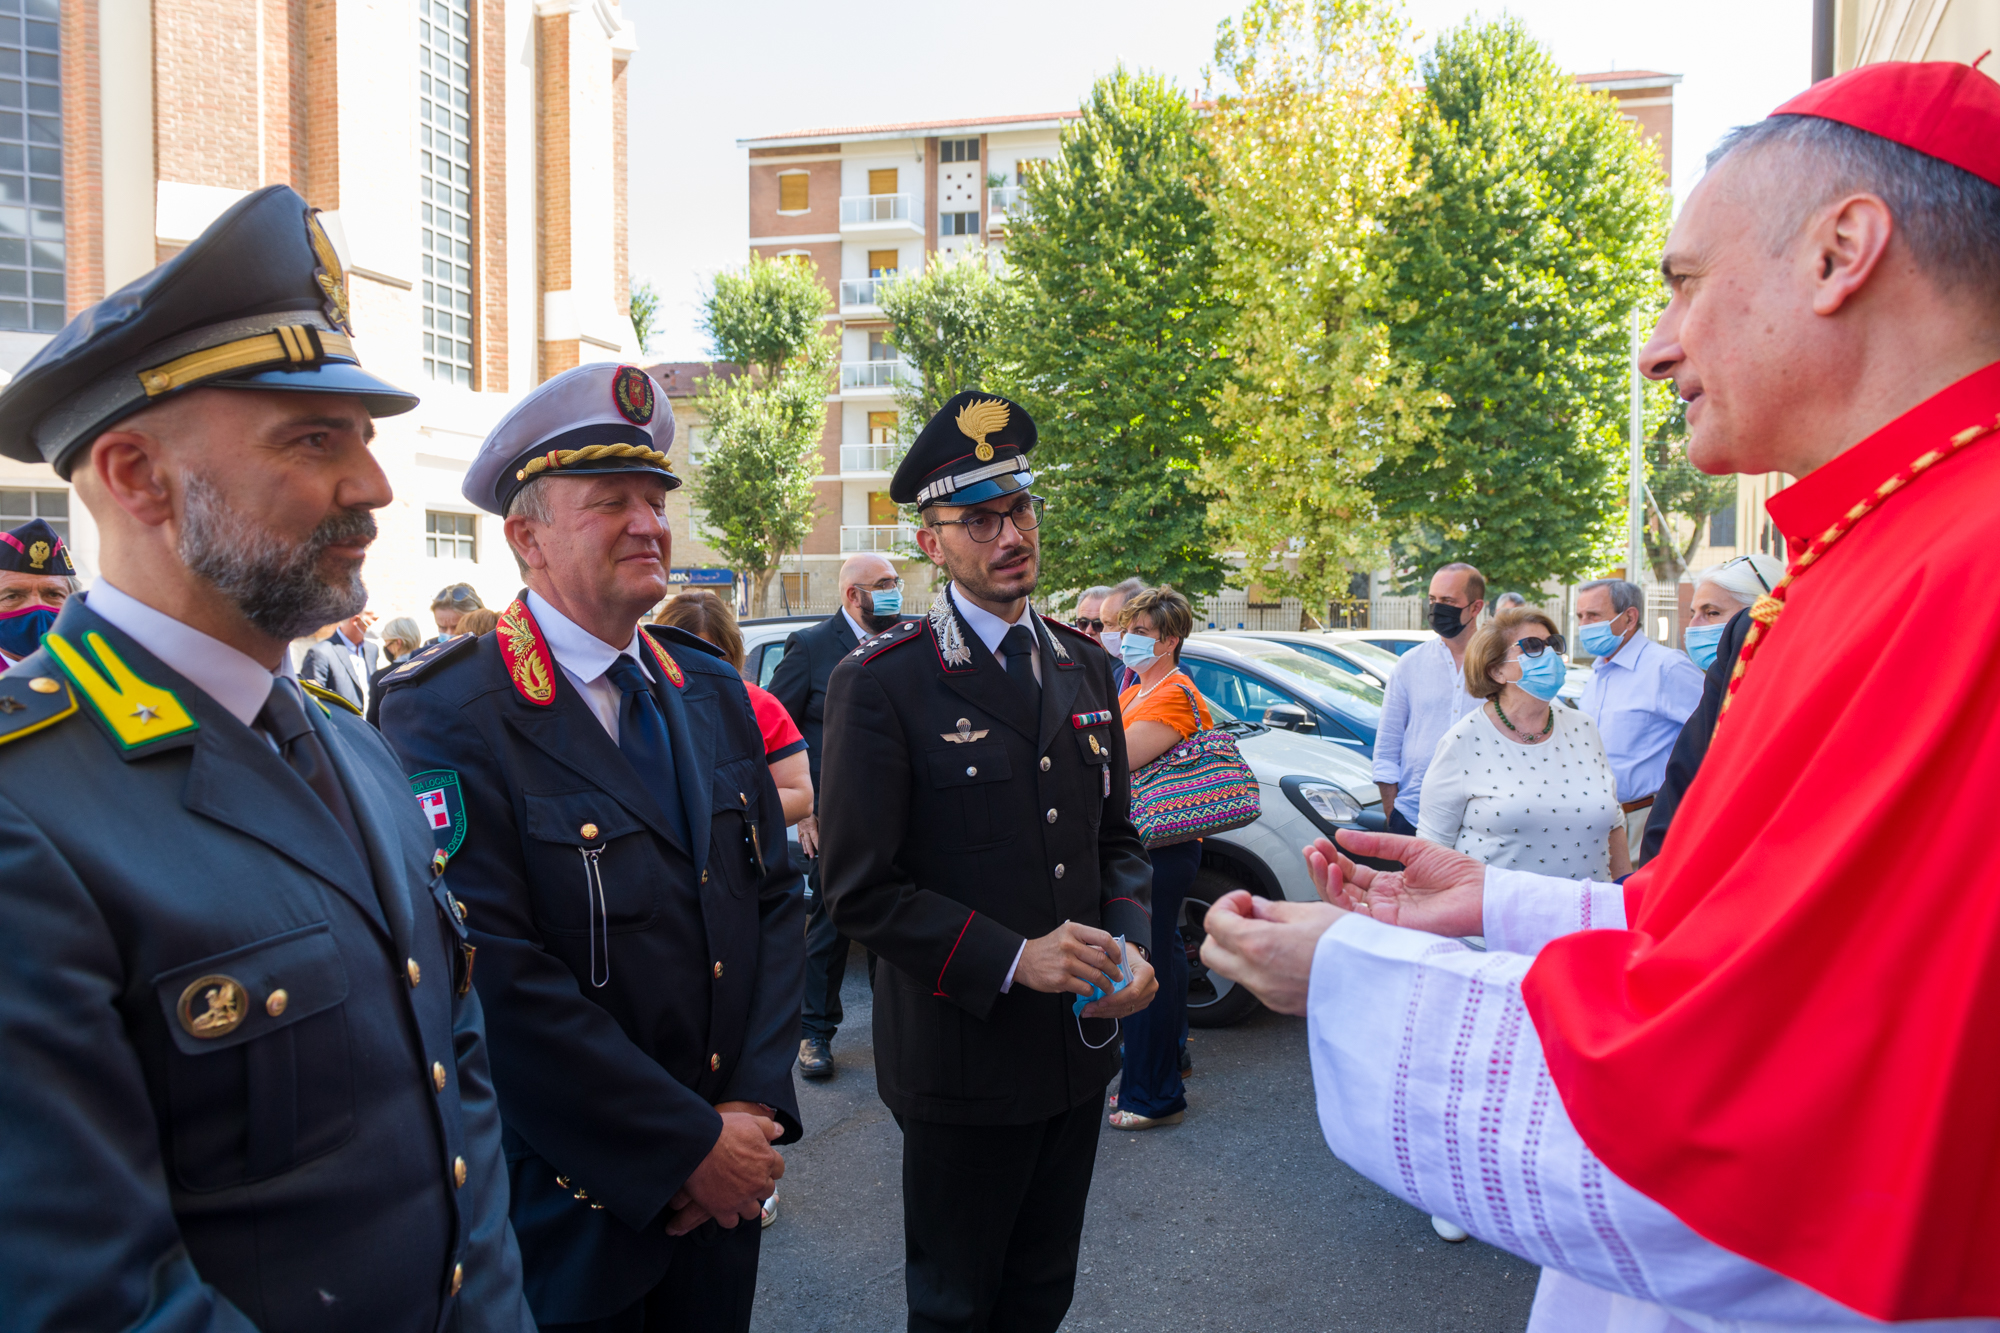 29-agosto-2021-pontificale-10.30-MdG-–-FOTO_mdg_-296